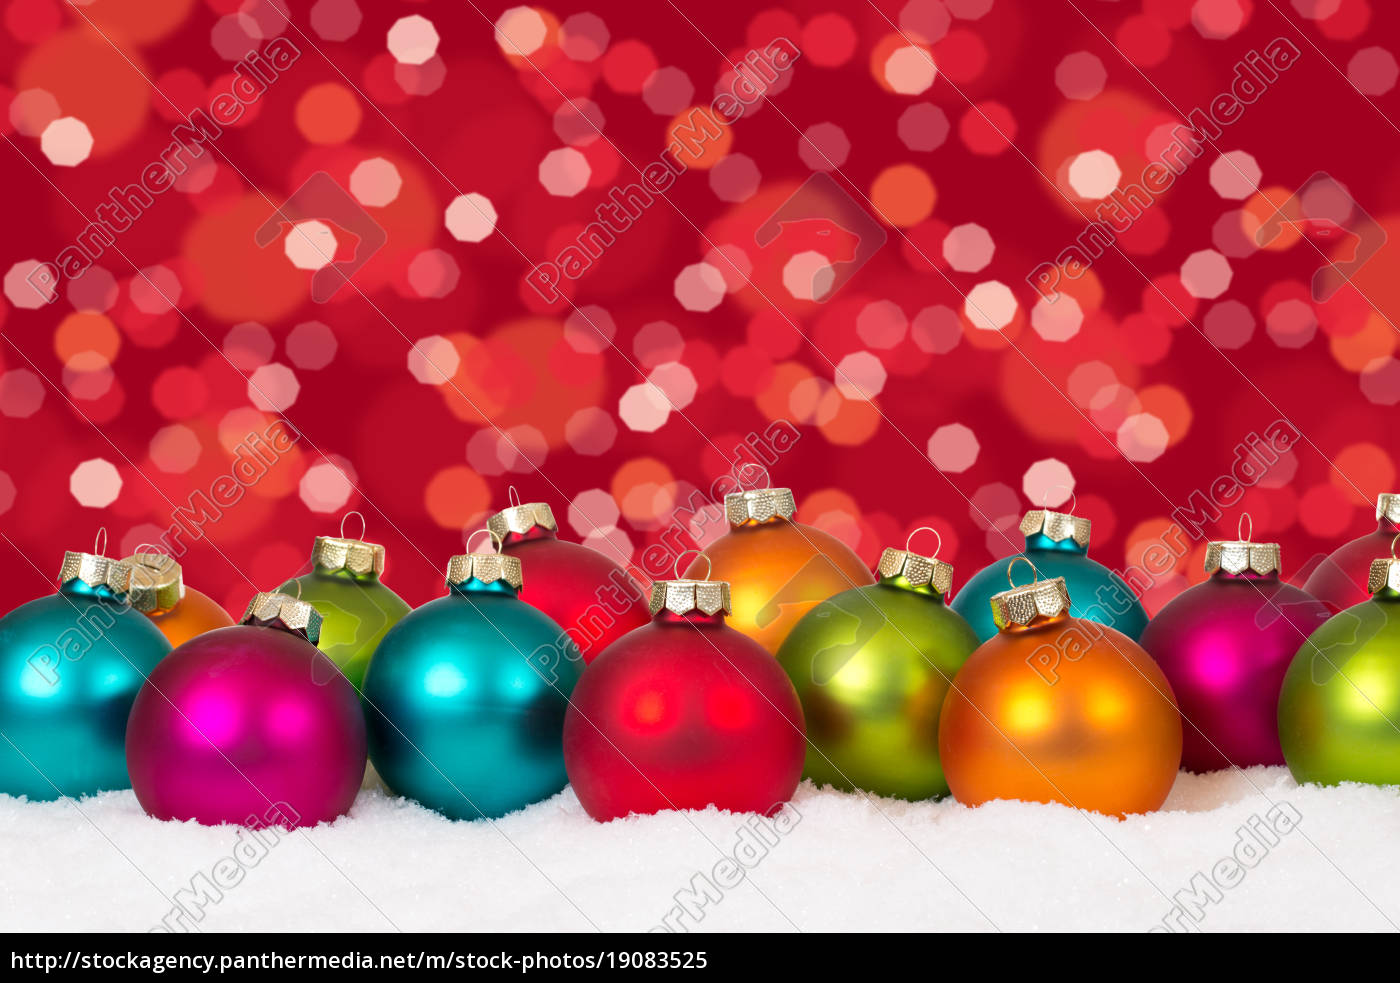 Weihnachten viele bunte Weihnachtskugeln Dekoration - Stockfoto ...